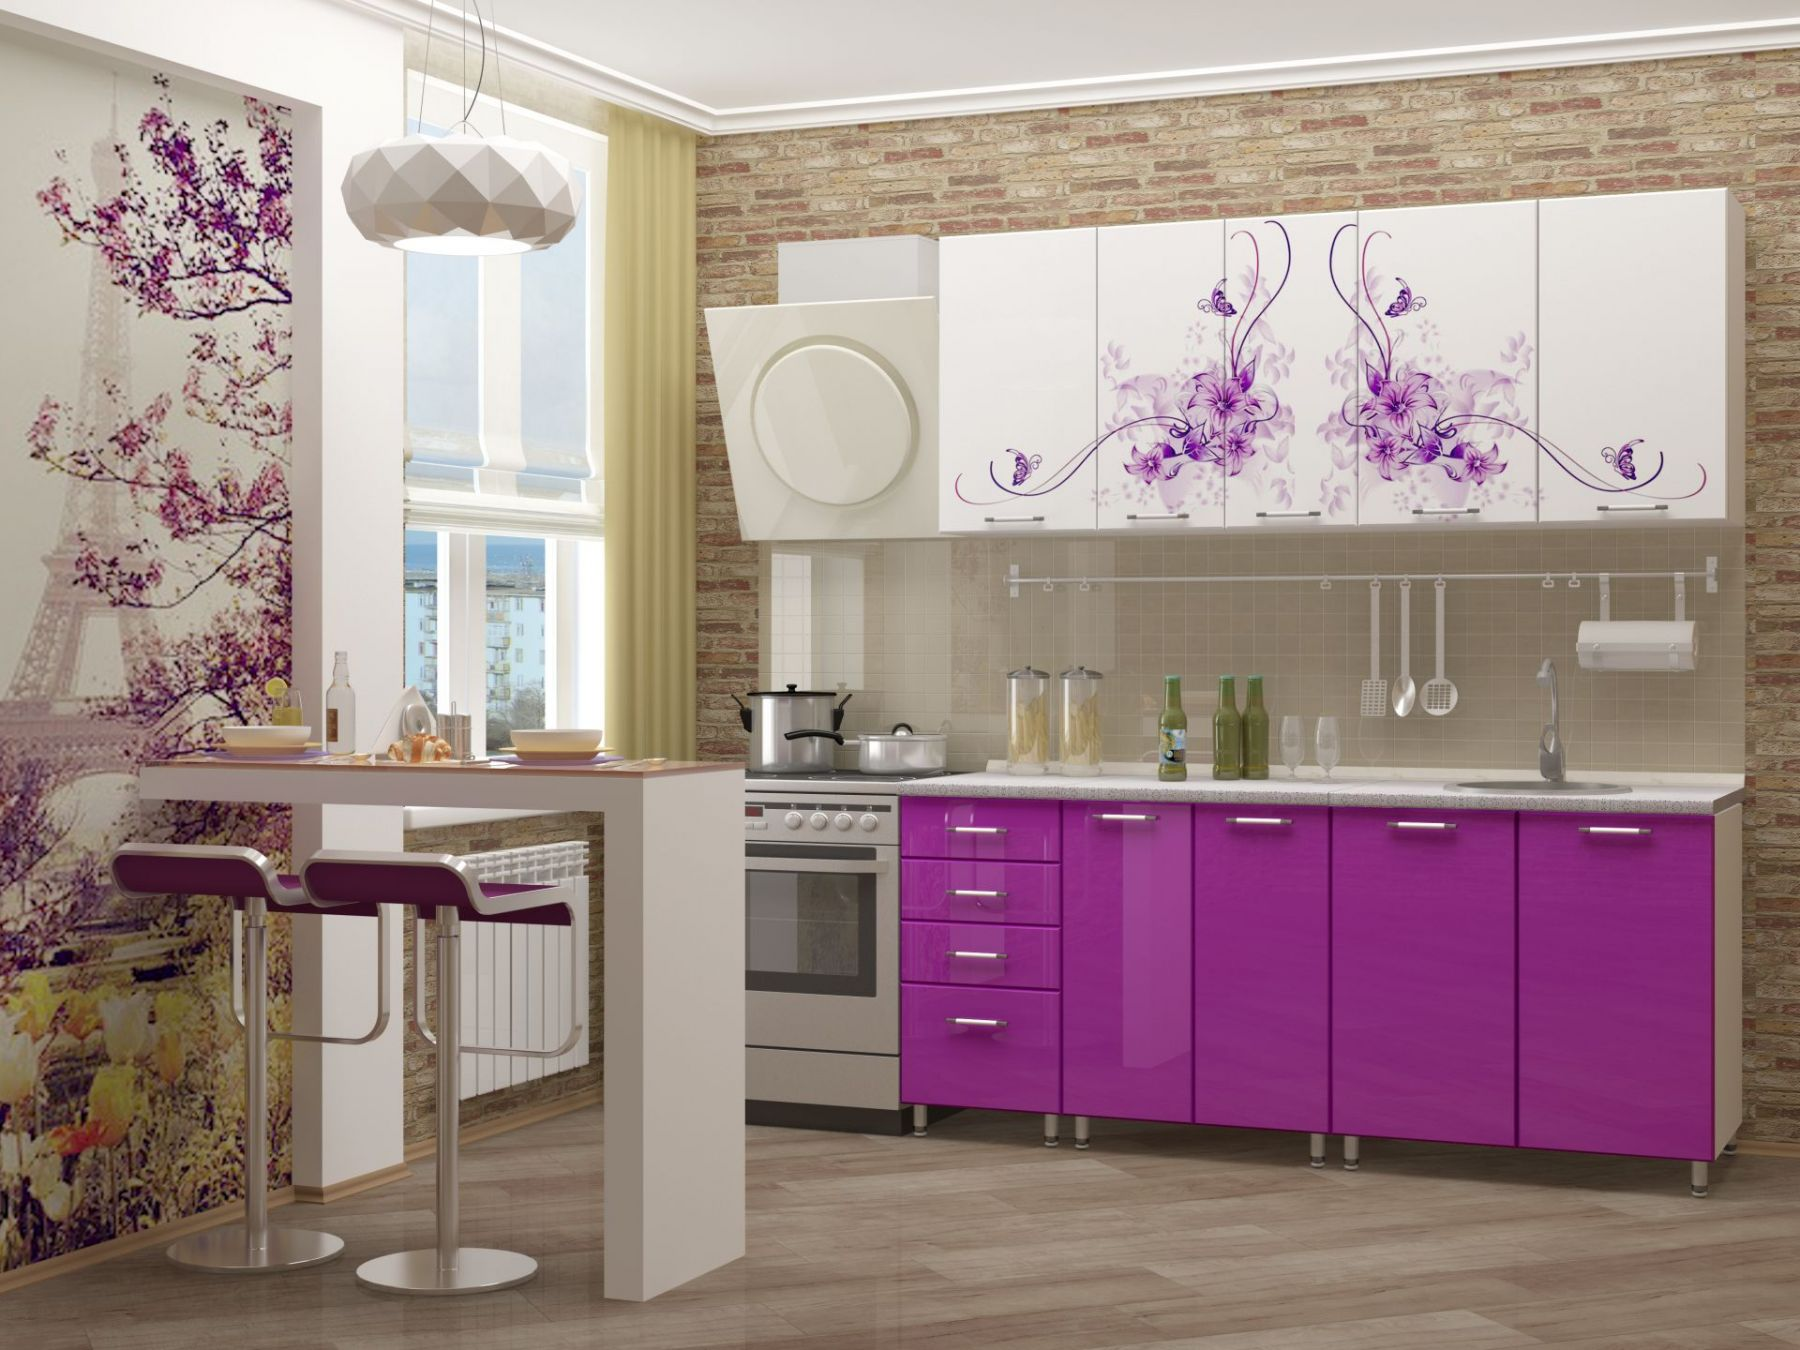 кухонная мебель с фотопечатью клуглой